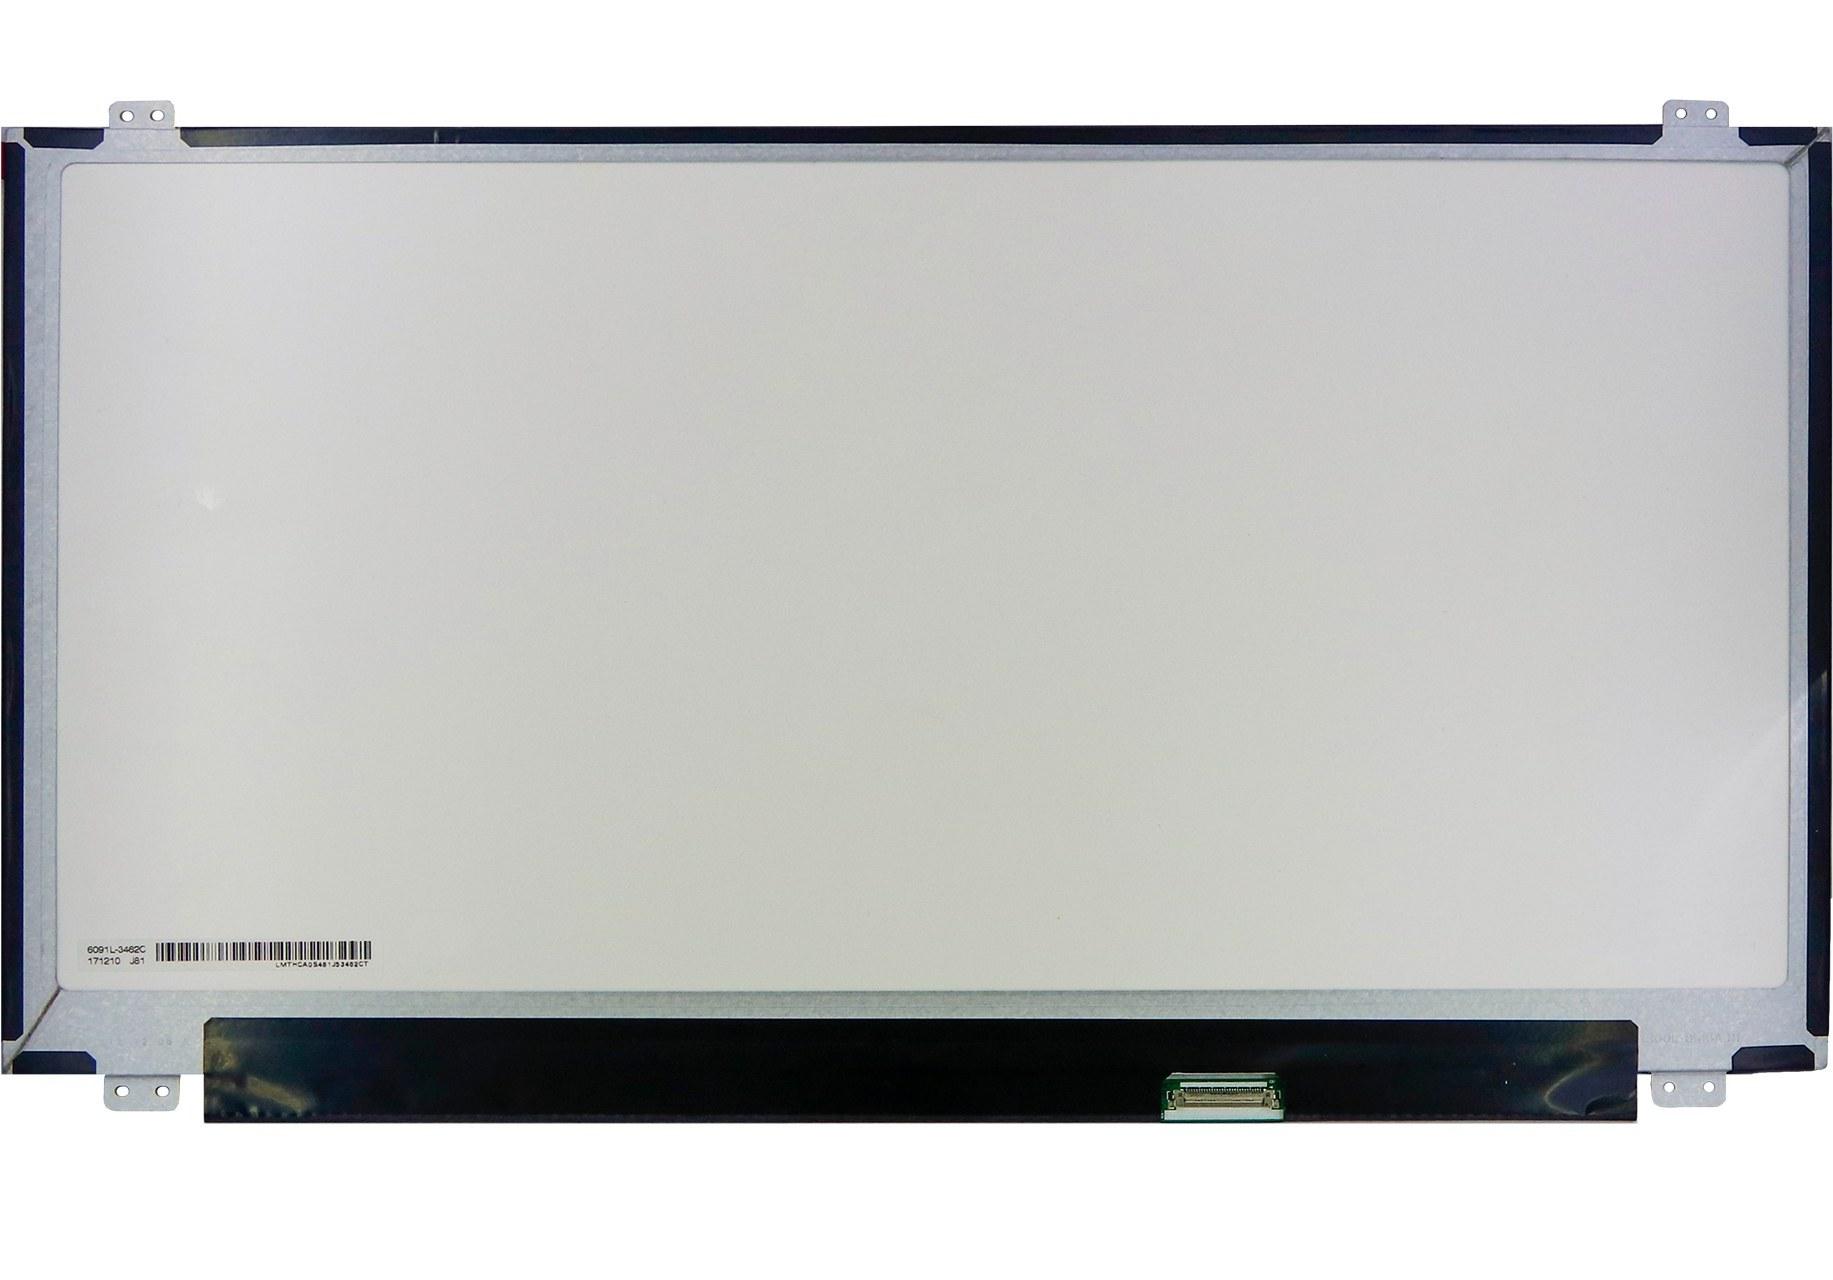 تصویر ال سی دی لپ تاپ اچ پی HP PAVILION POWER 15 SERIES